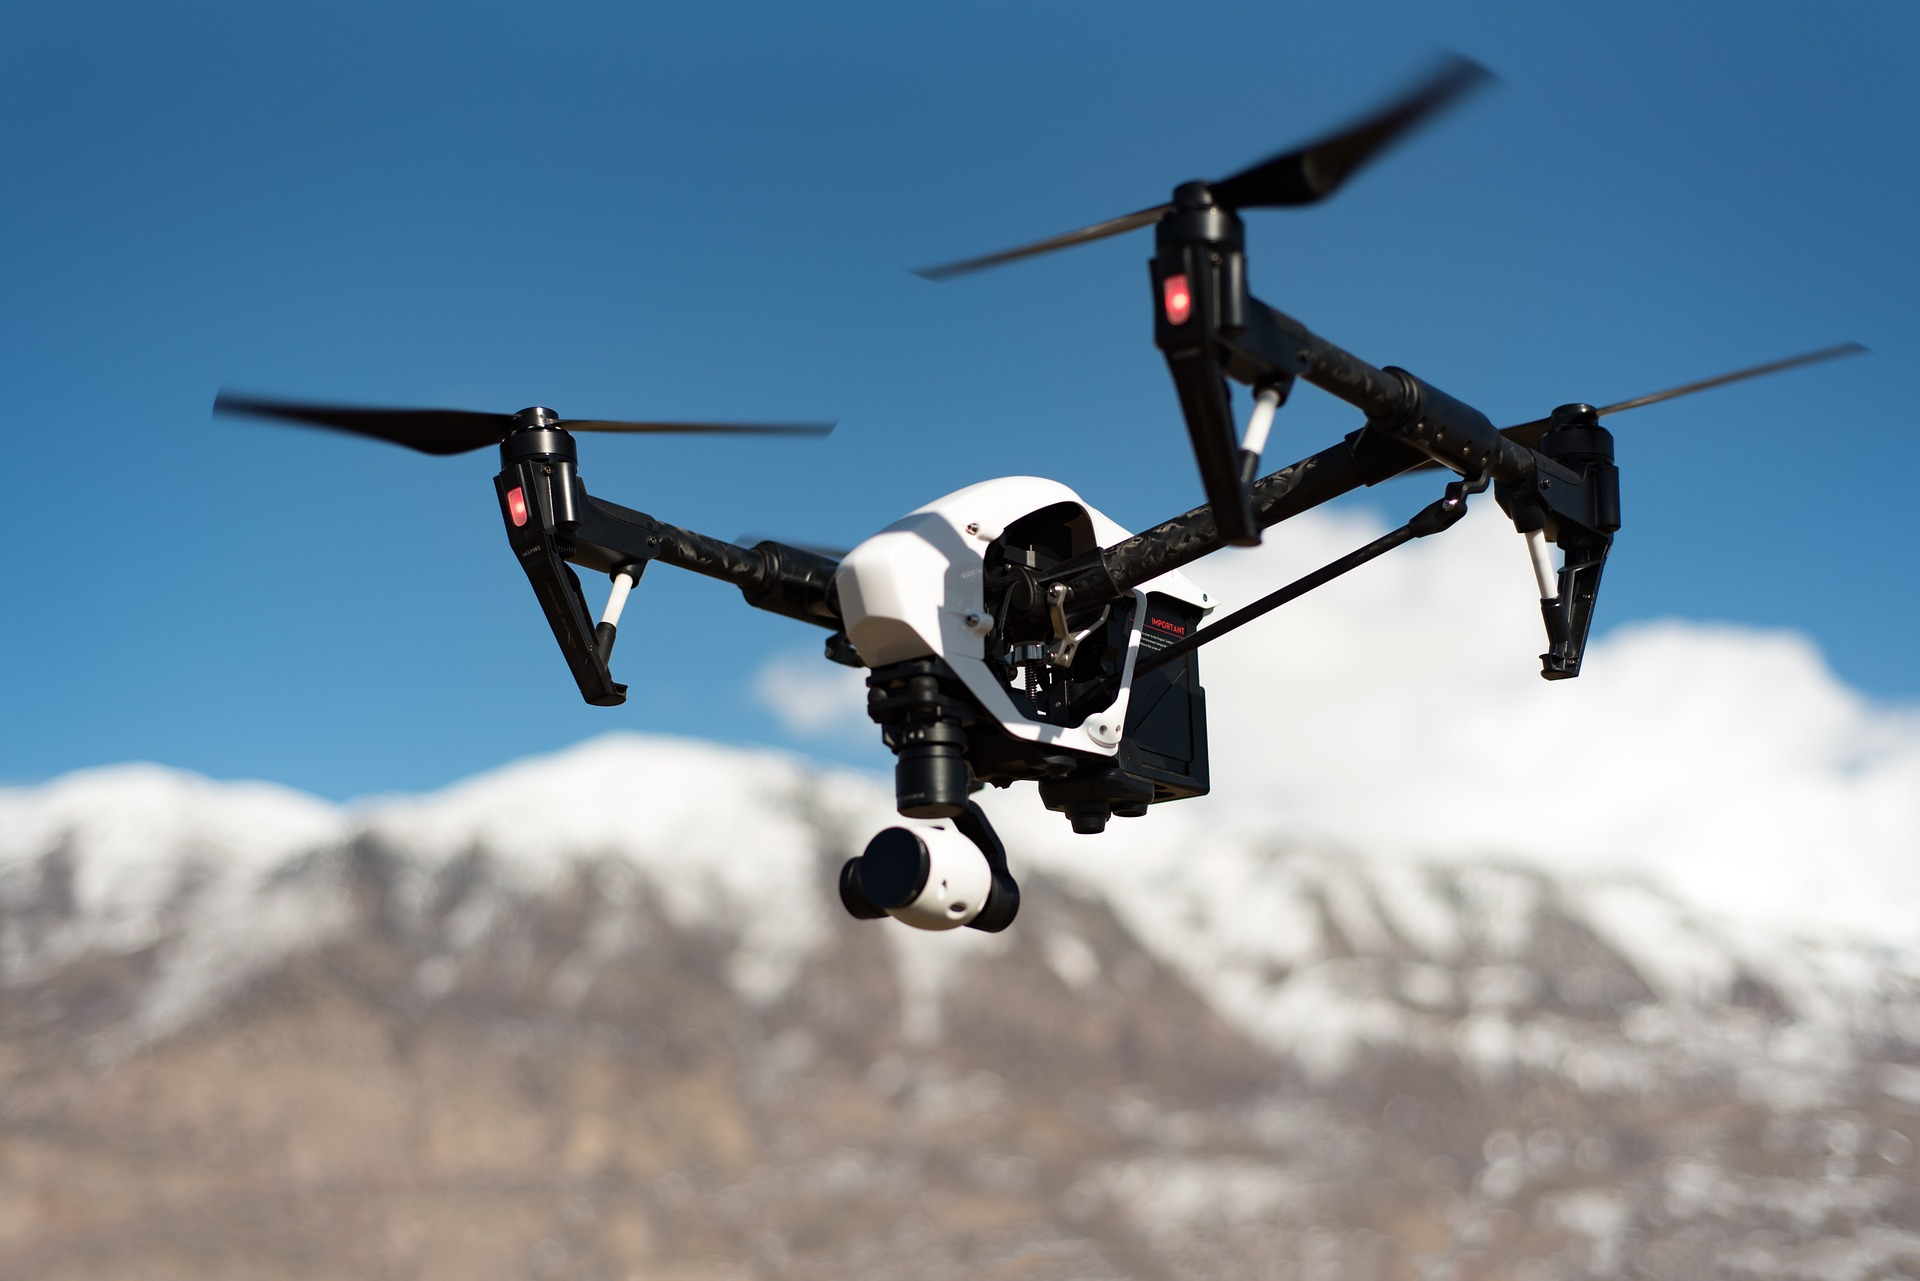 Drohnen: Unglaubliche Möglichkeiten für Fotografen, Kreative und Filmemacher